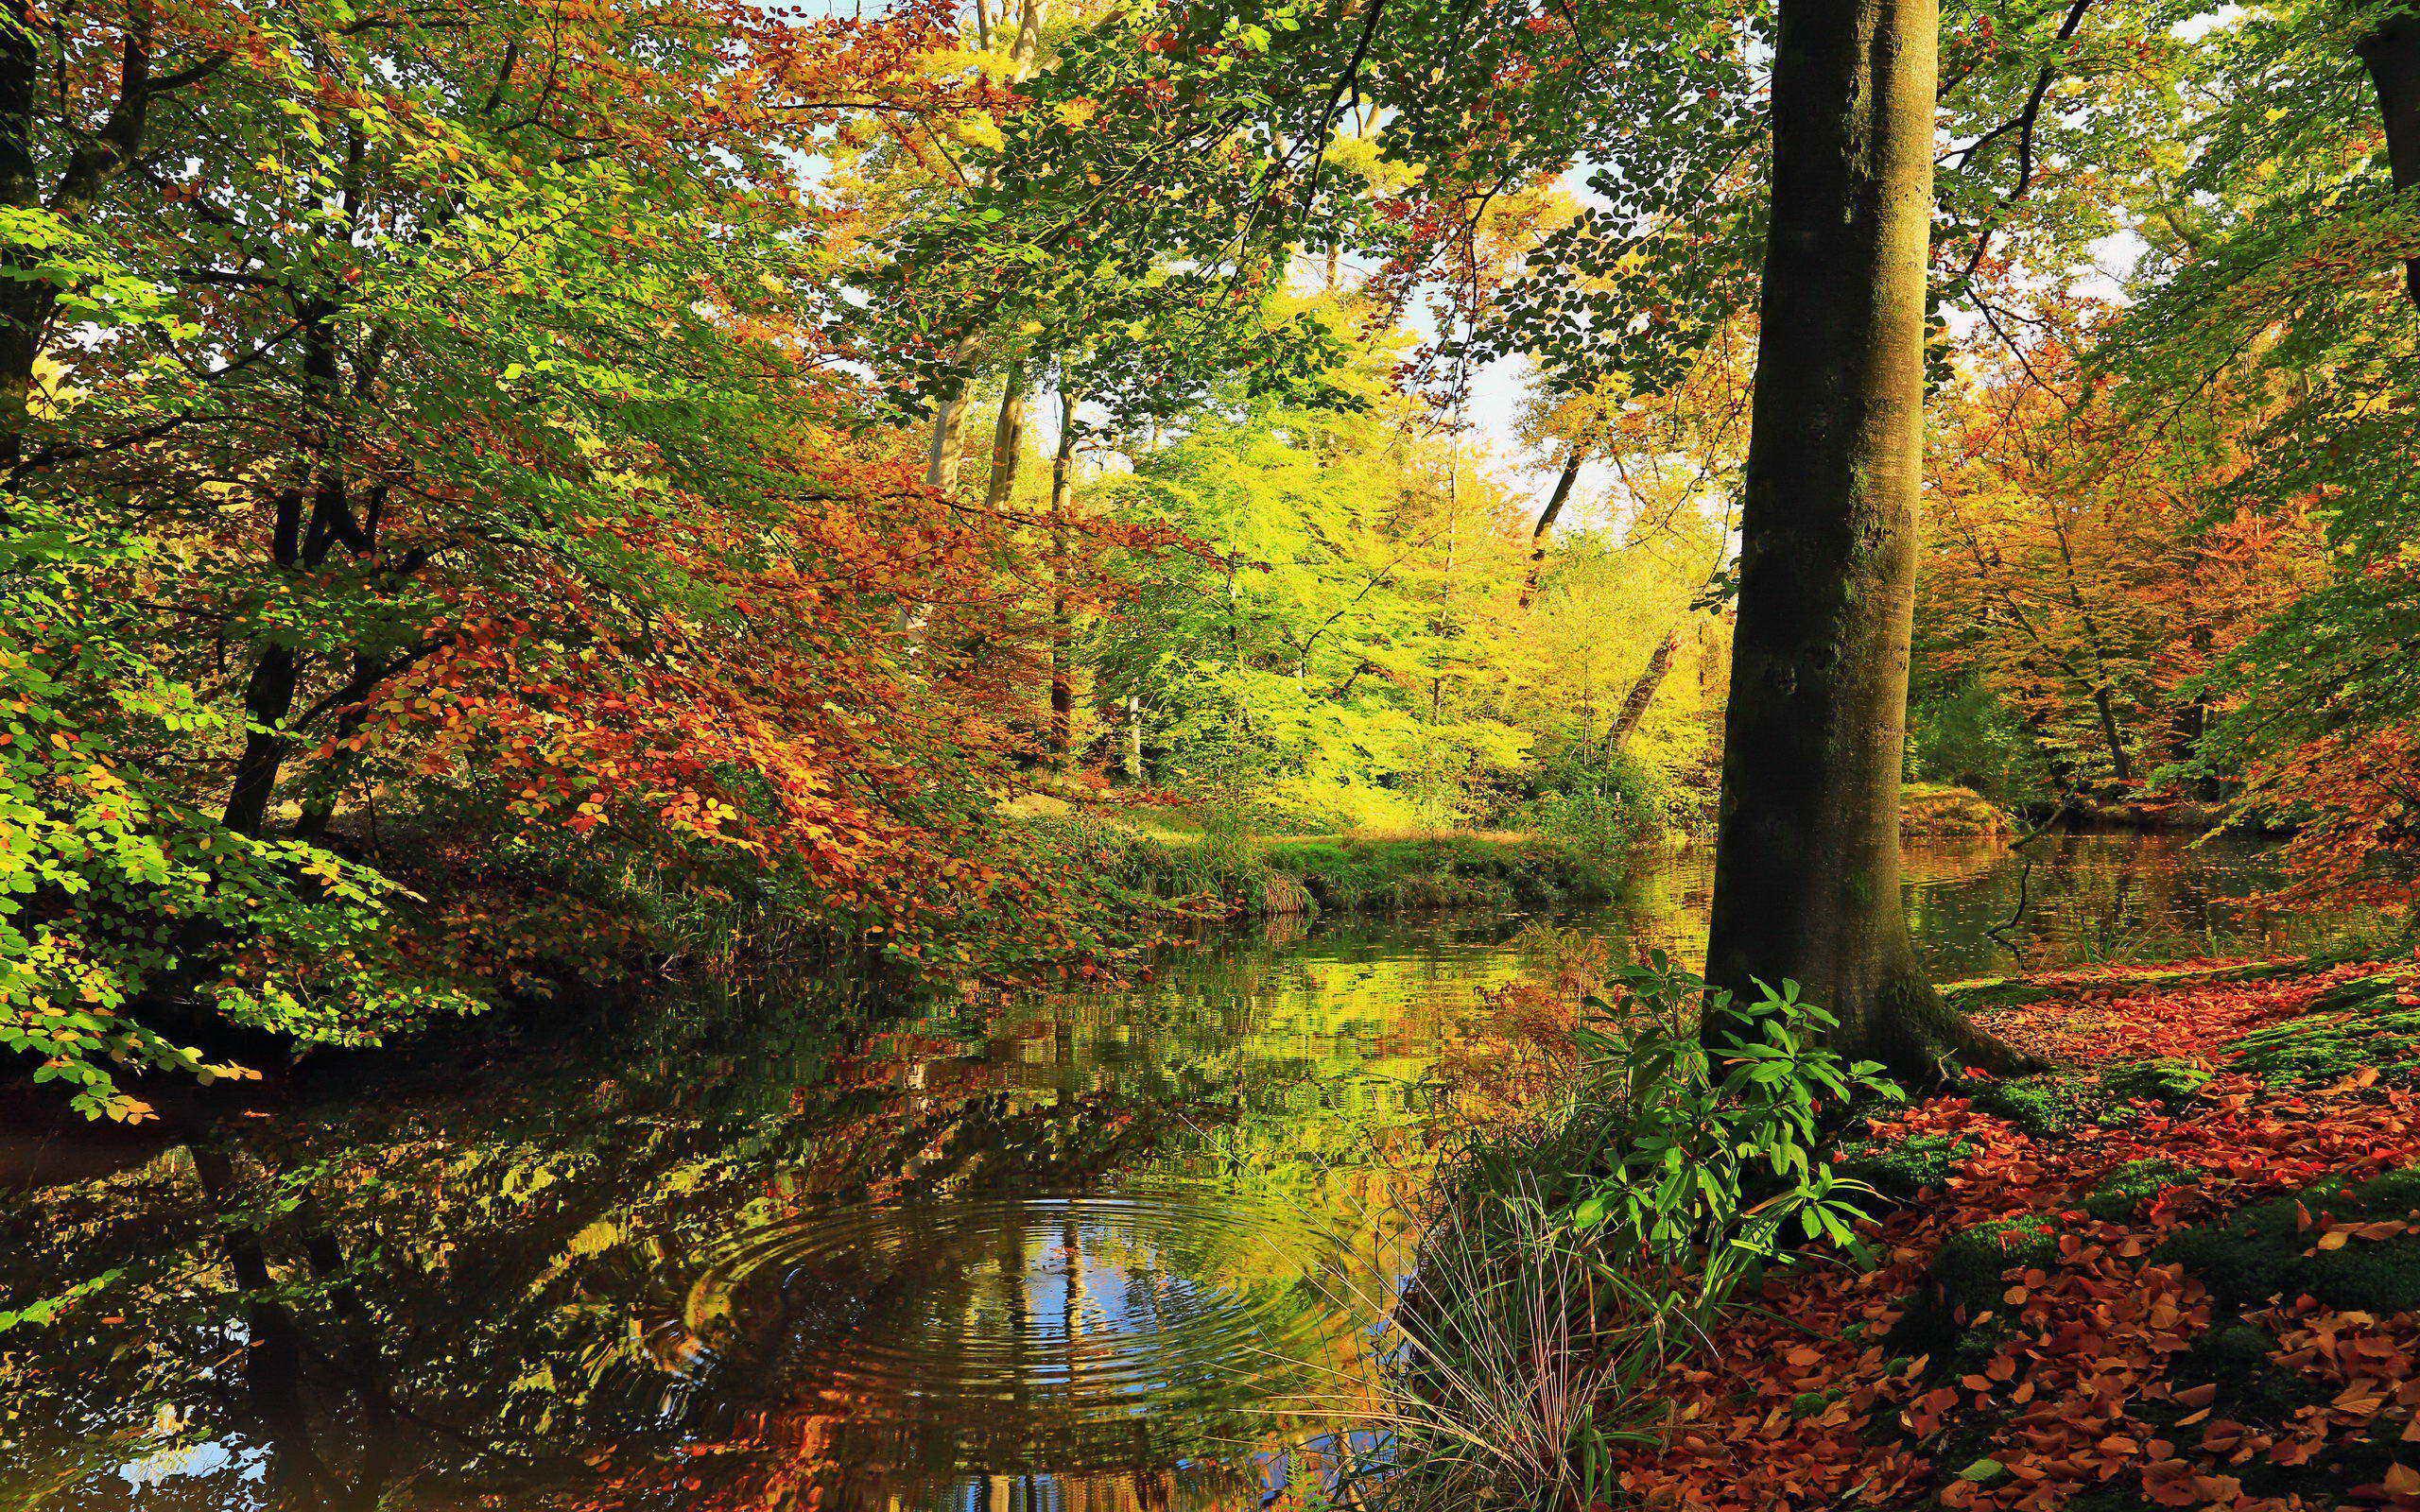 树木树林摄影风景桌面17(2560x1600)壁纸